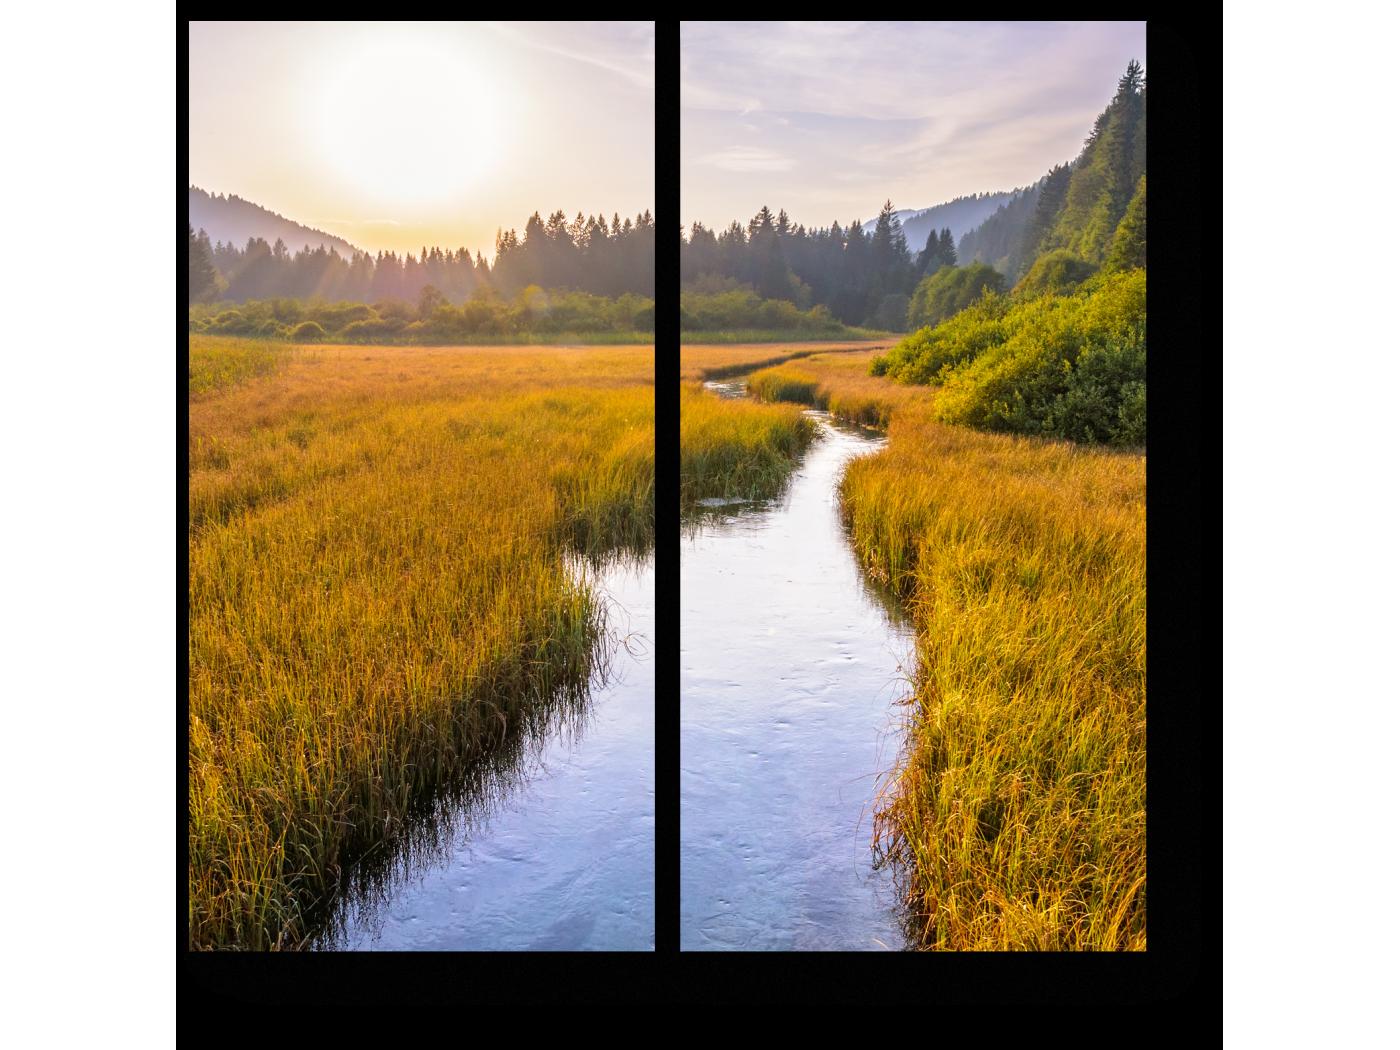 Модульная картина Нетронутое великолепие словенской природы (40x40) фото